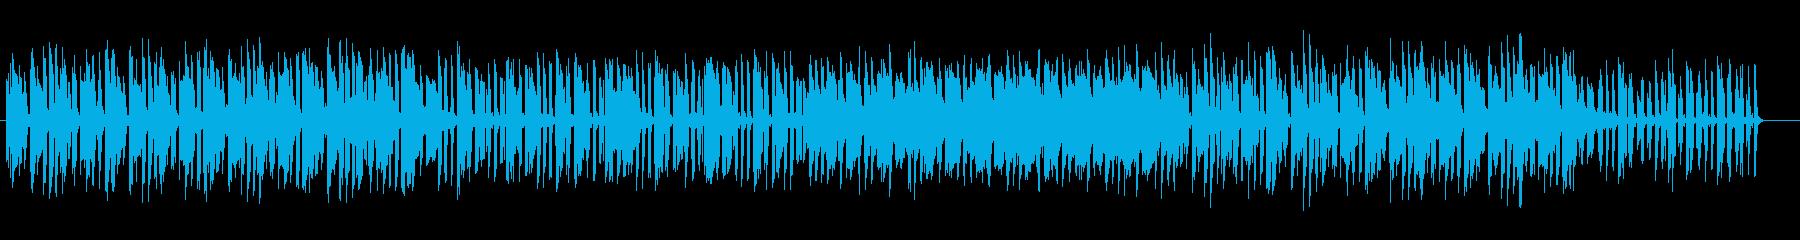 ゲーム、映像の落ち着いた場面に使える曲の再生済みの波形